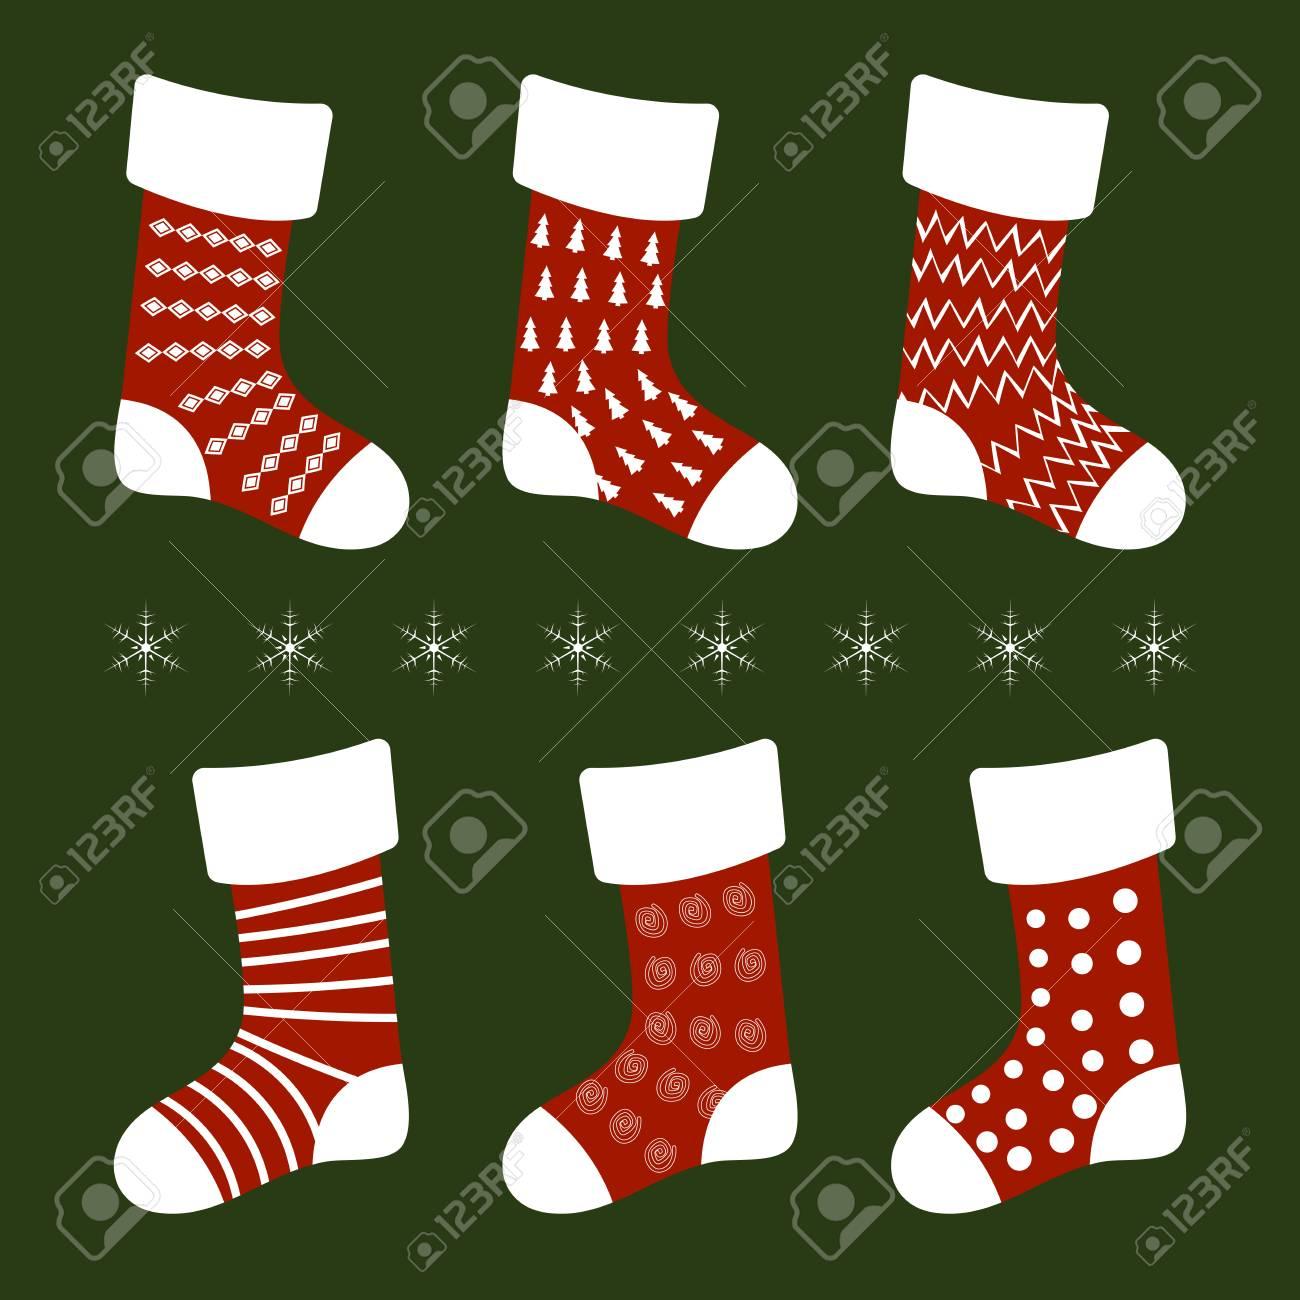 Vektor-Illustration Rot Weihnachten Socken Mit Verschiedenen Mustern ...